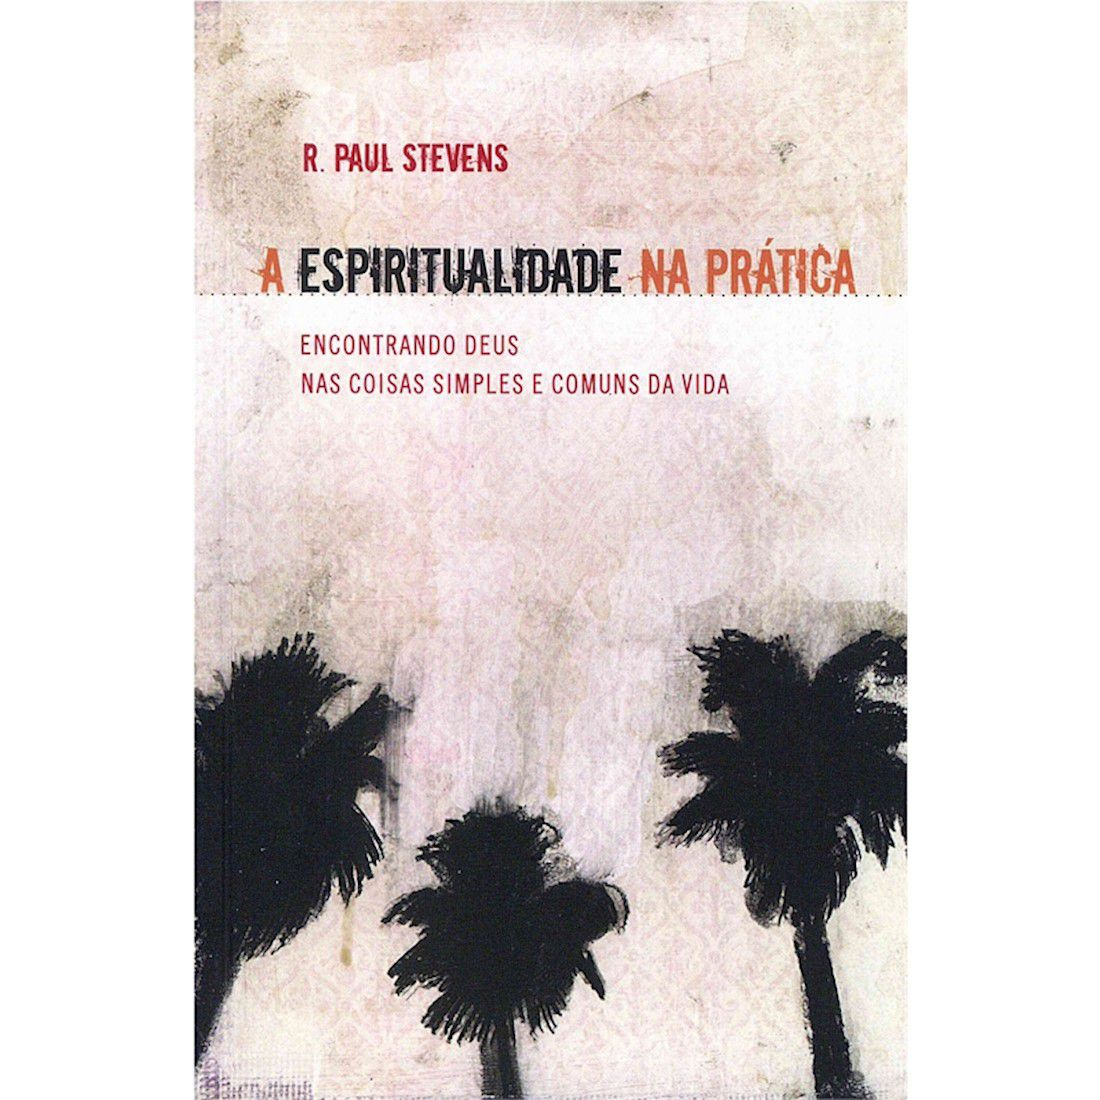 Livro A Espiritualidade na Prática